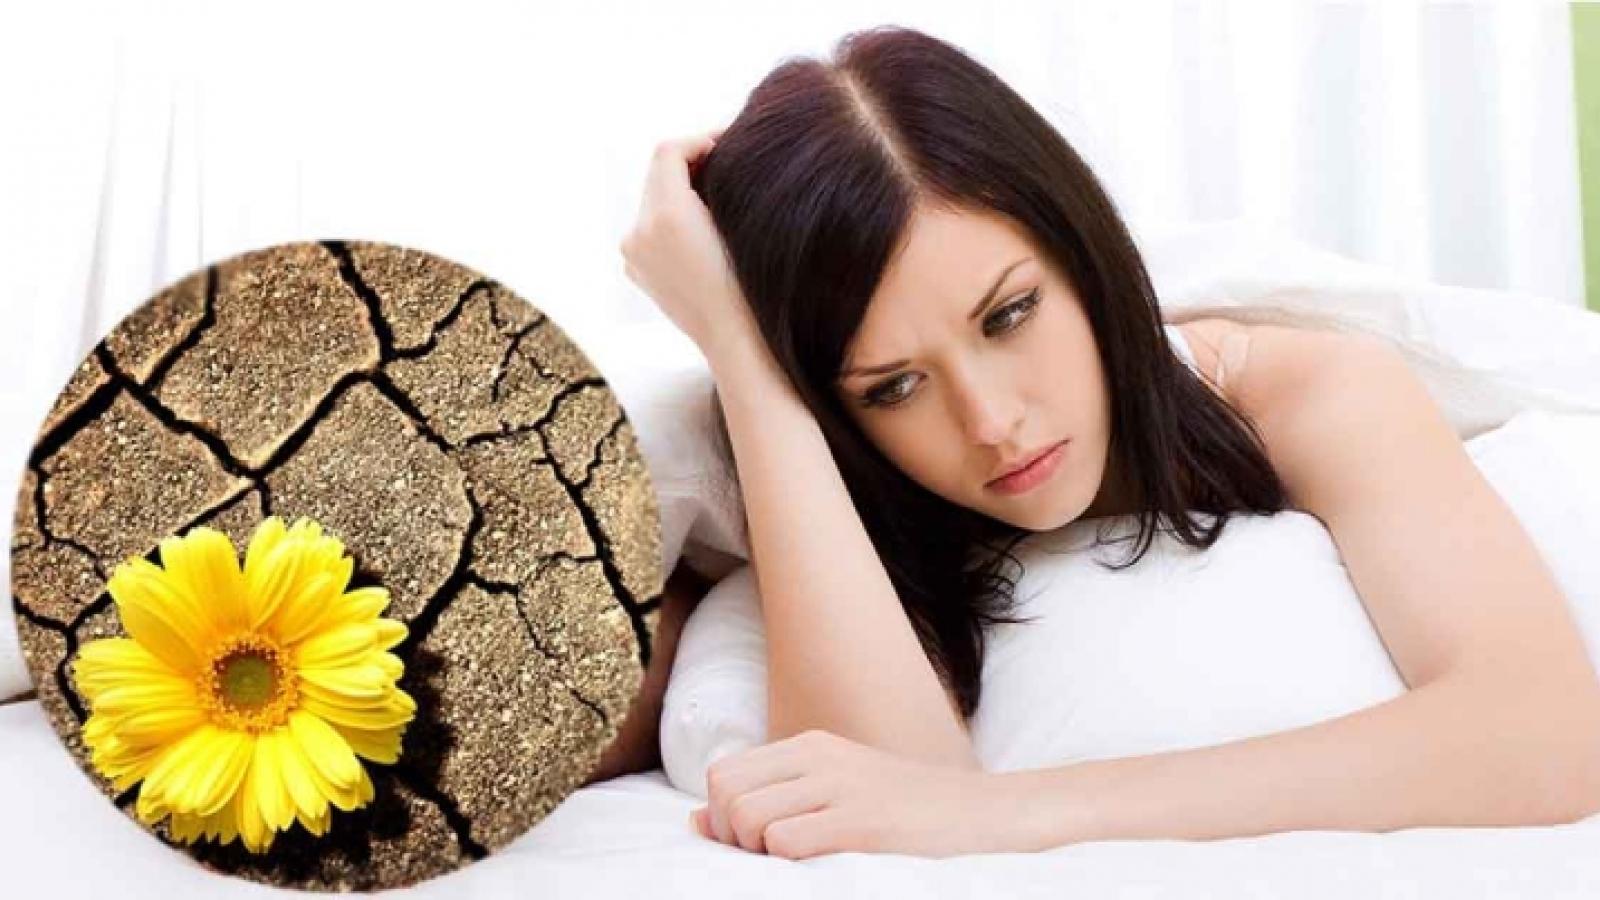 Suy giảm nội tiết tố nữ: Lời giải từ chuyên gia